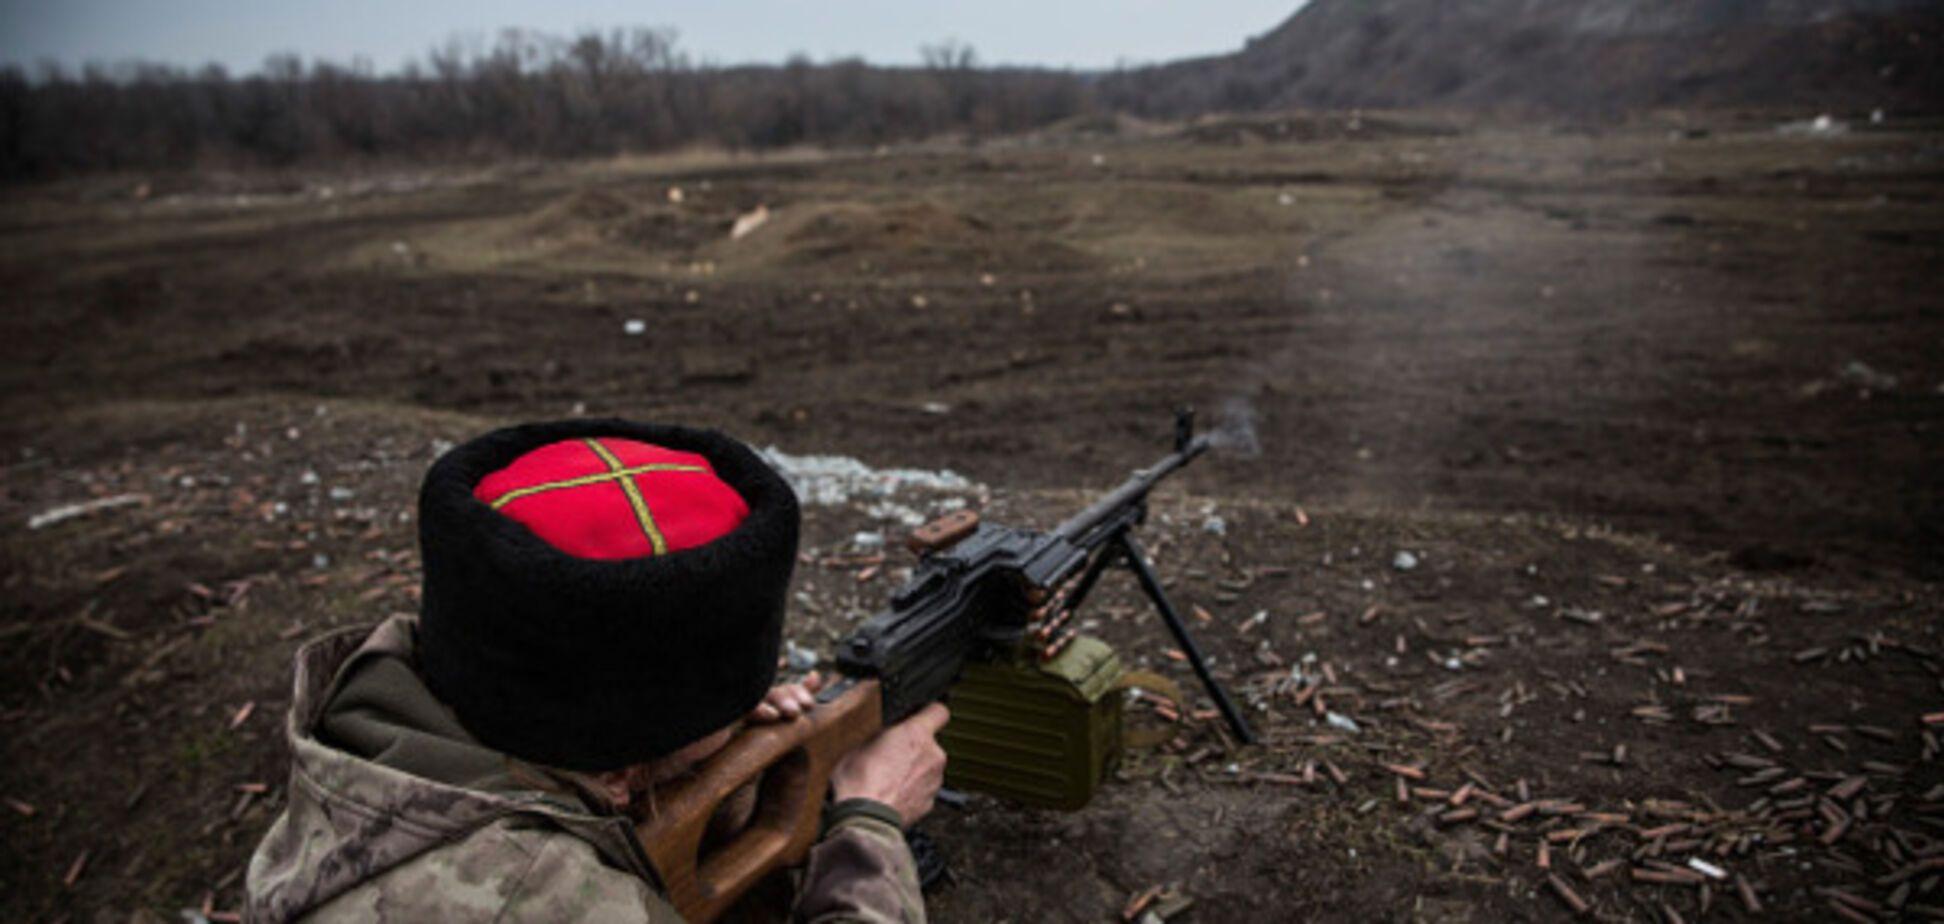 Бий своїх: розвідка розповіла про 'оригінальну' тактику терористів на Донбасі